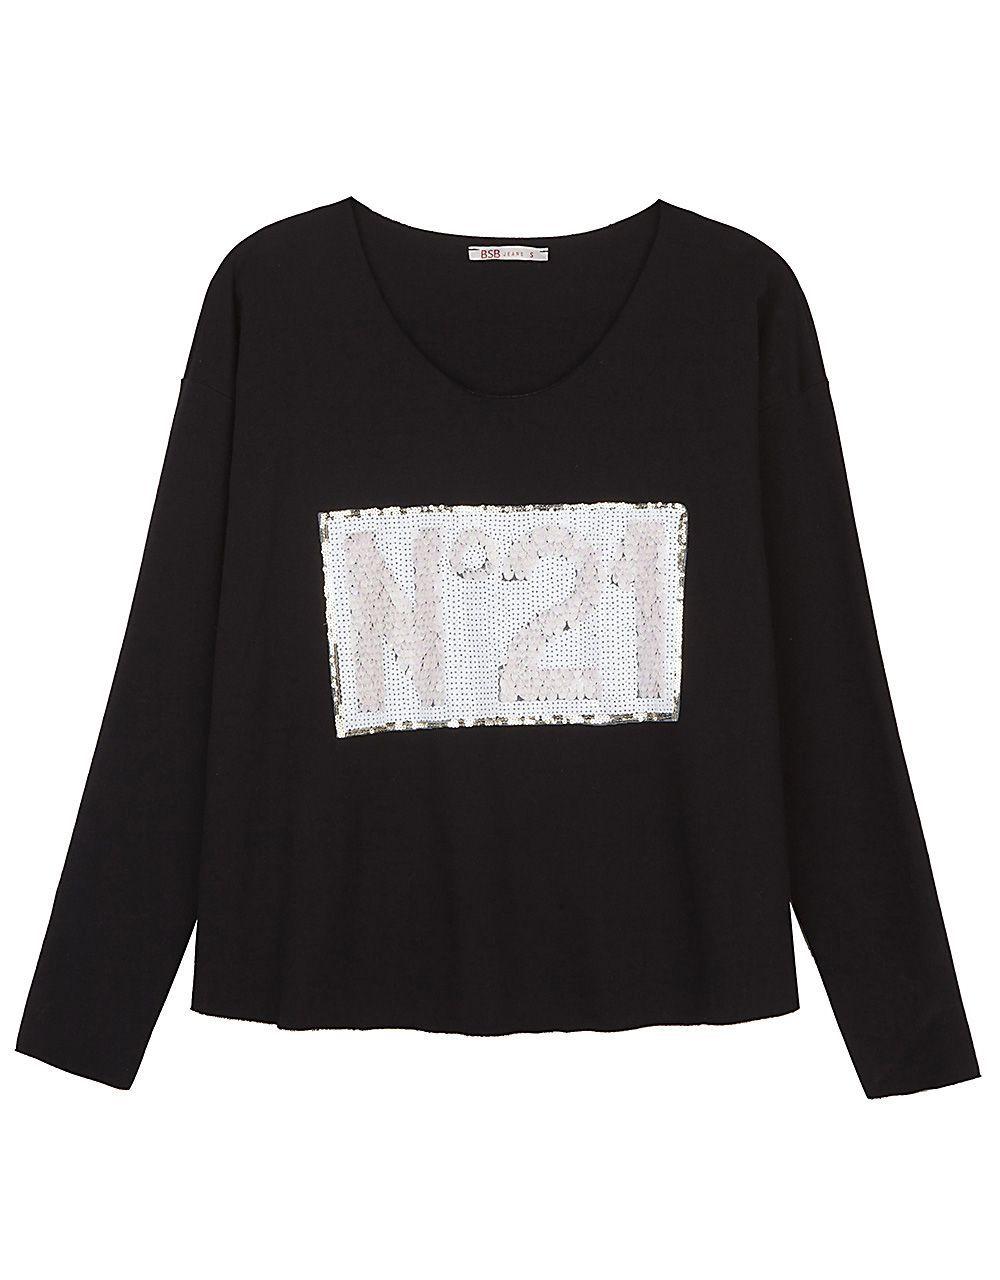 f929a847389 ΦΟΥΤΕΡ ΜΕ ΠΑΓΙΕΤΕΣ | Fashion | Fashion, Sweatshirts και Sweaters